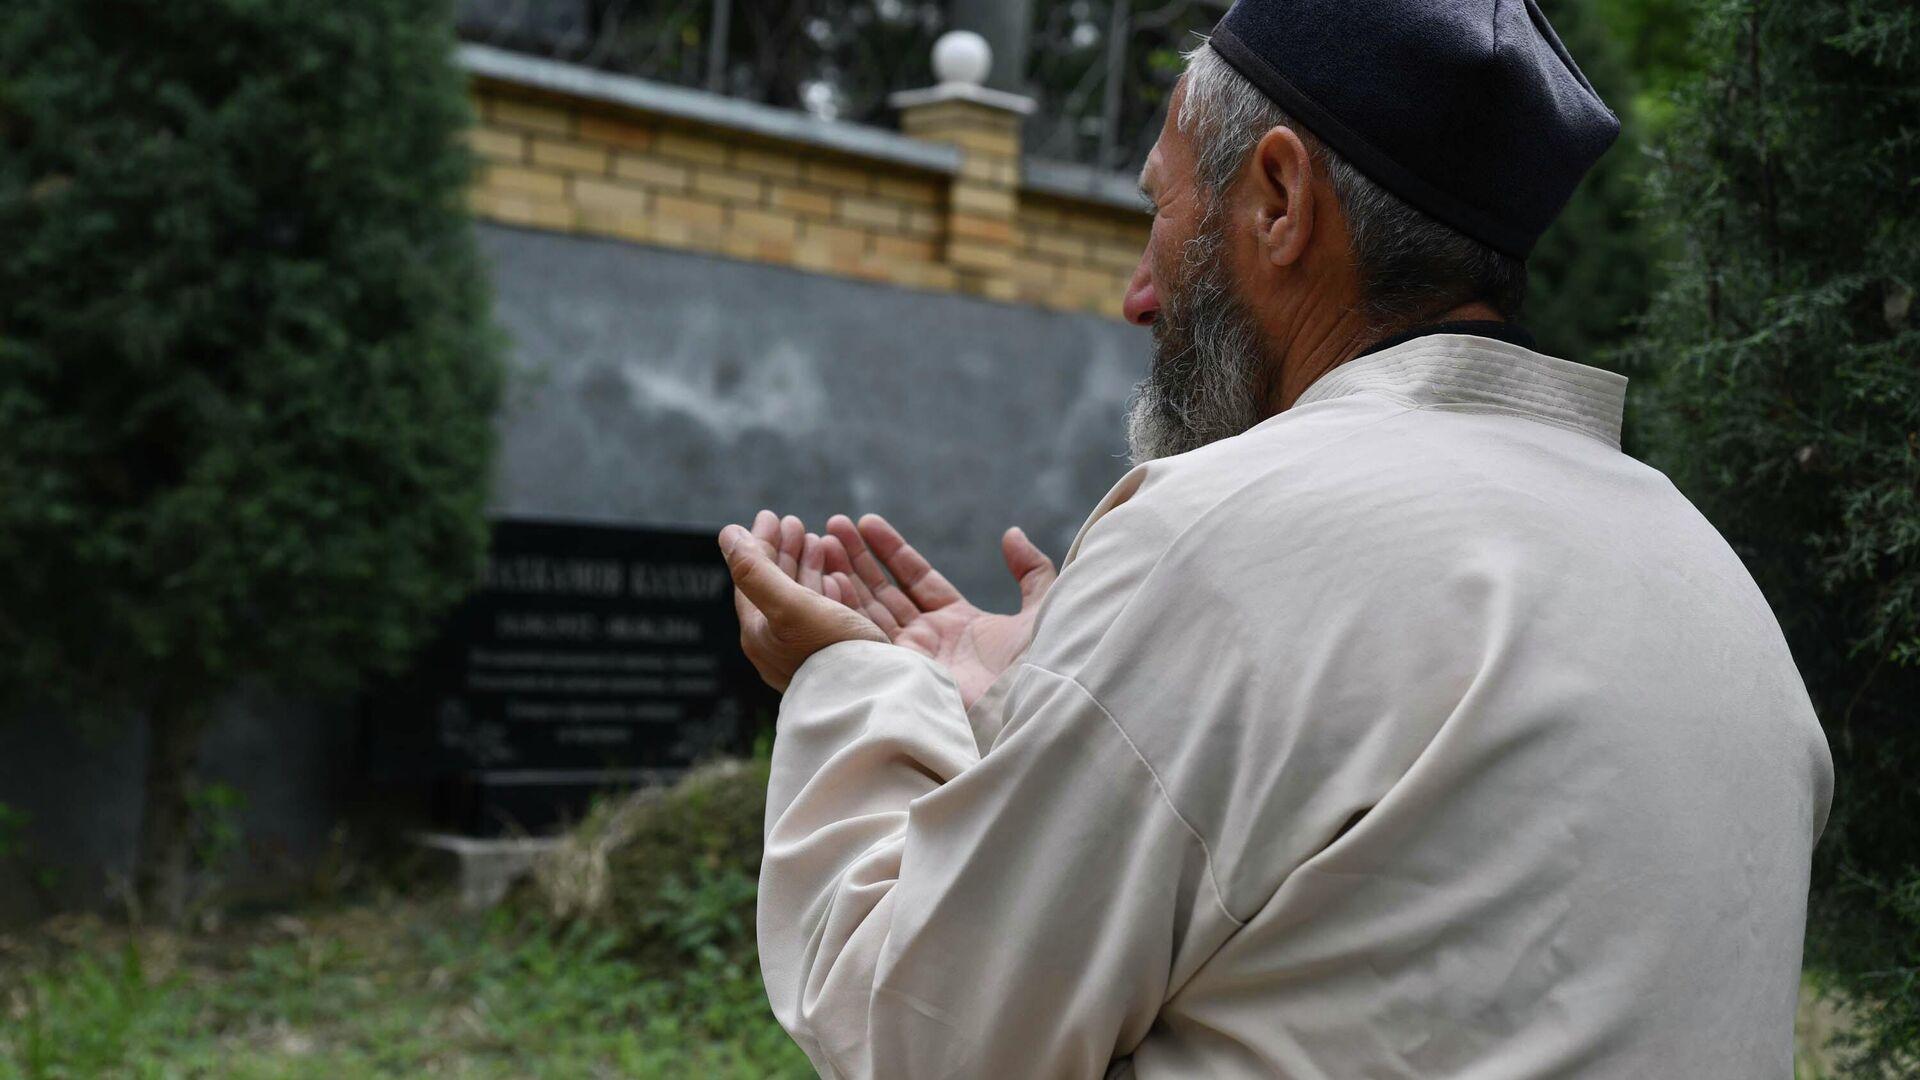 Мужчина молится на кладбище - Sputnik Таджикистан, 1920, 19.06.2021